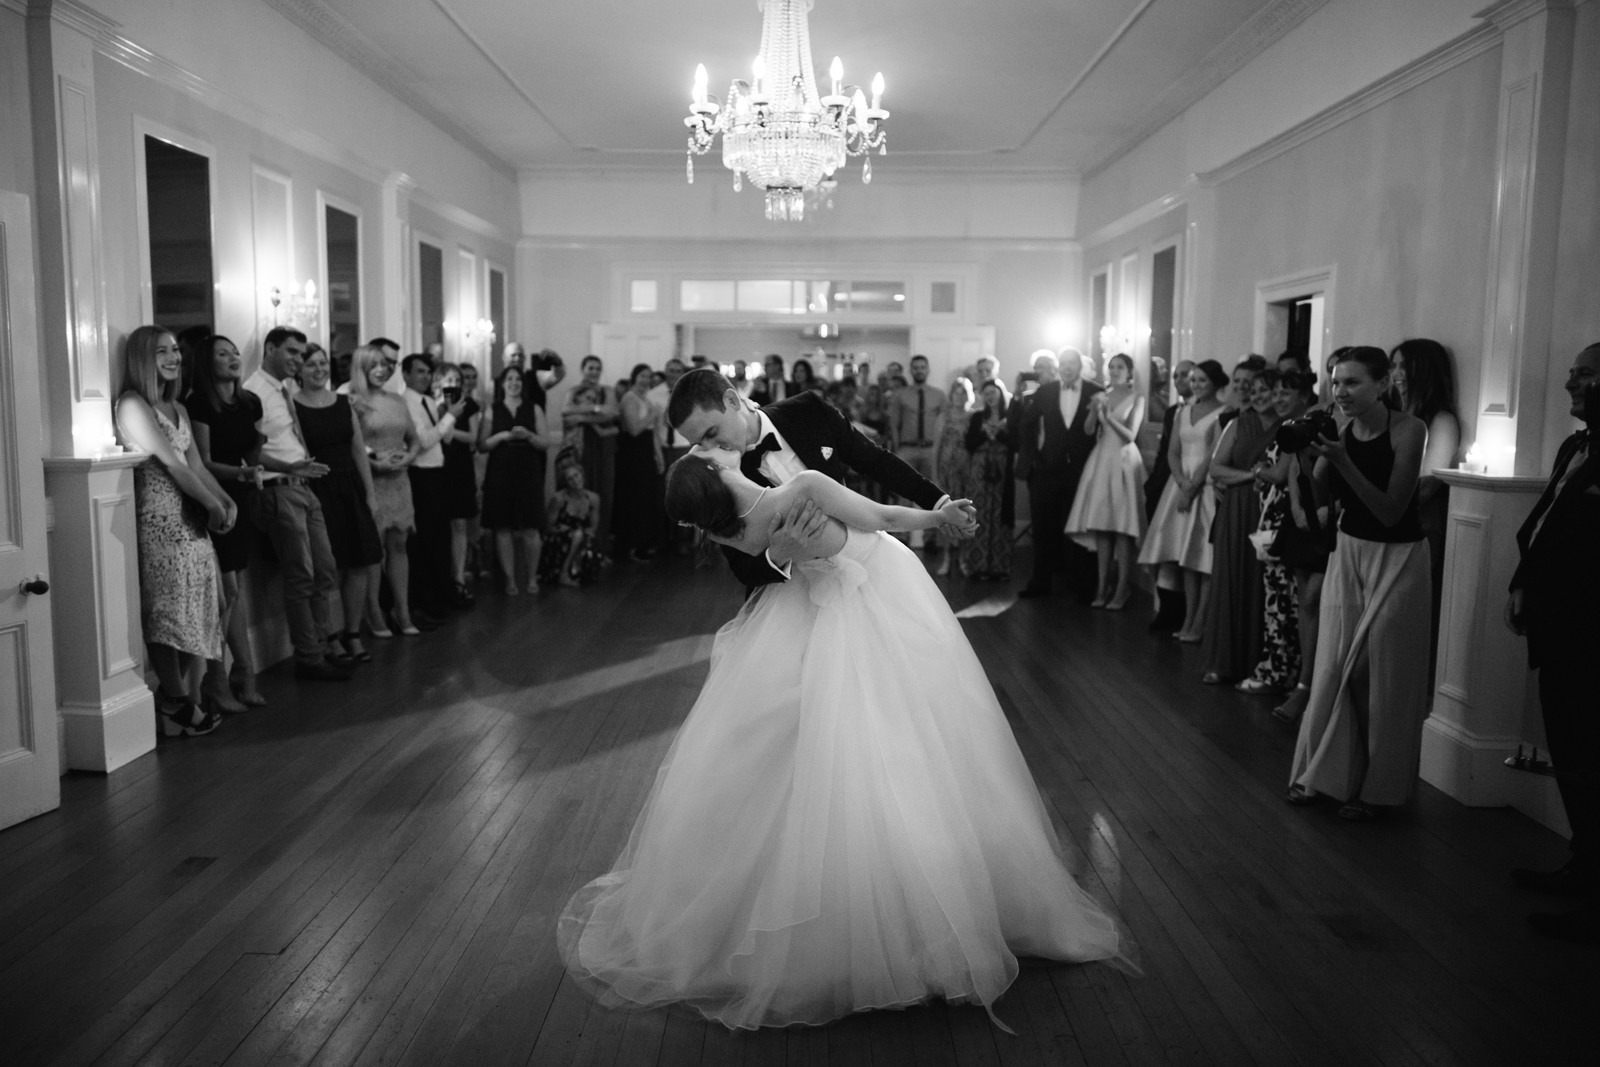 95-Bec_Kilpatrick_Photography_Brooke_and_Stefano_Toowoomba_Wedding_BlogATP_3114